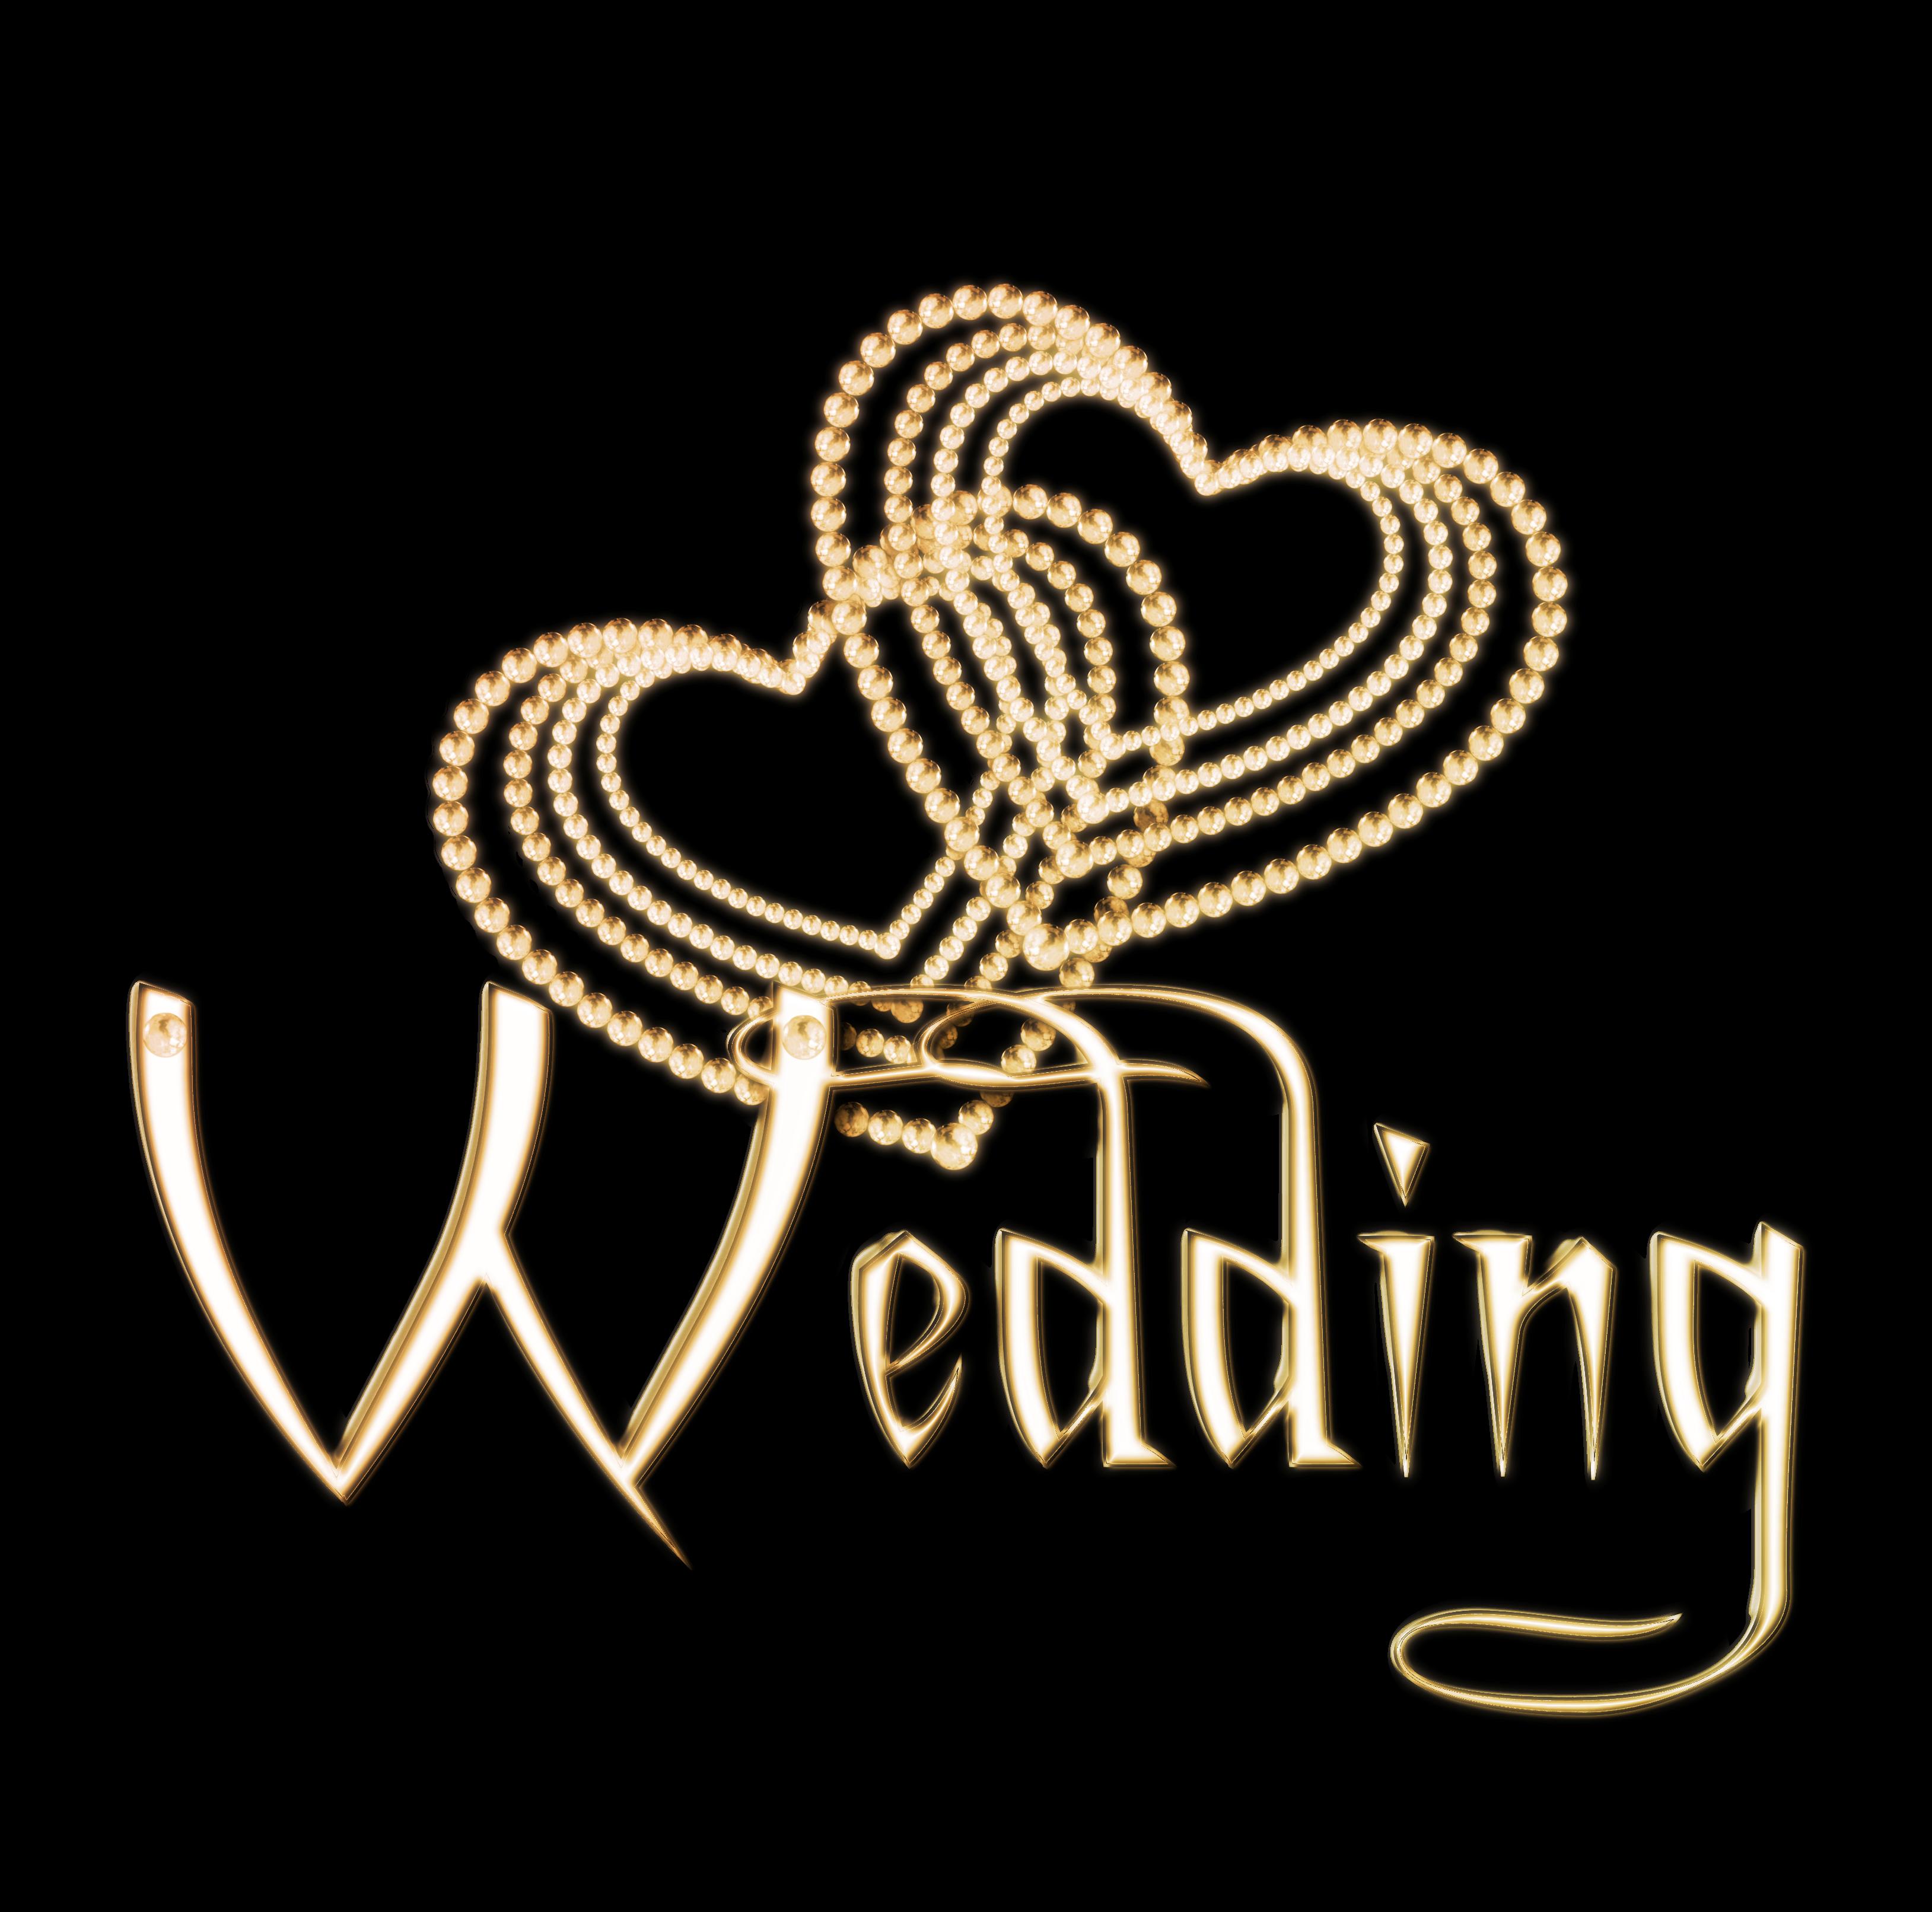 Picture transparentpng image information. Wedding png images